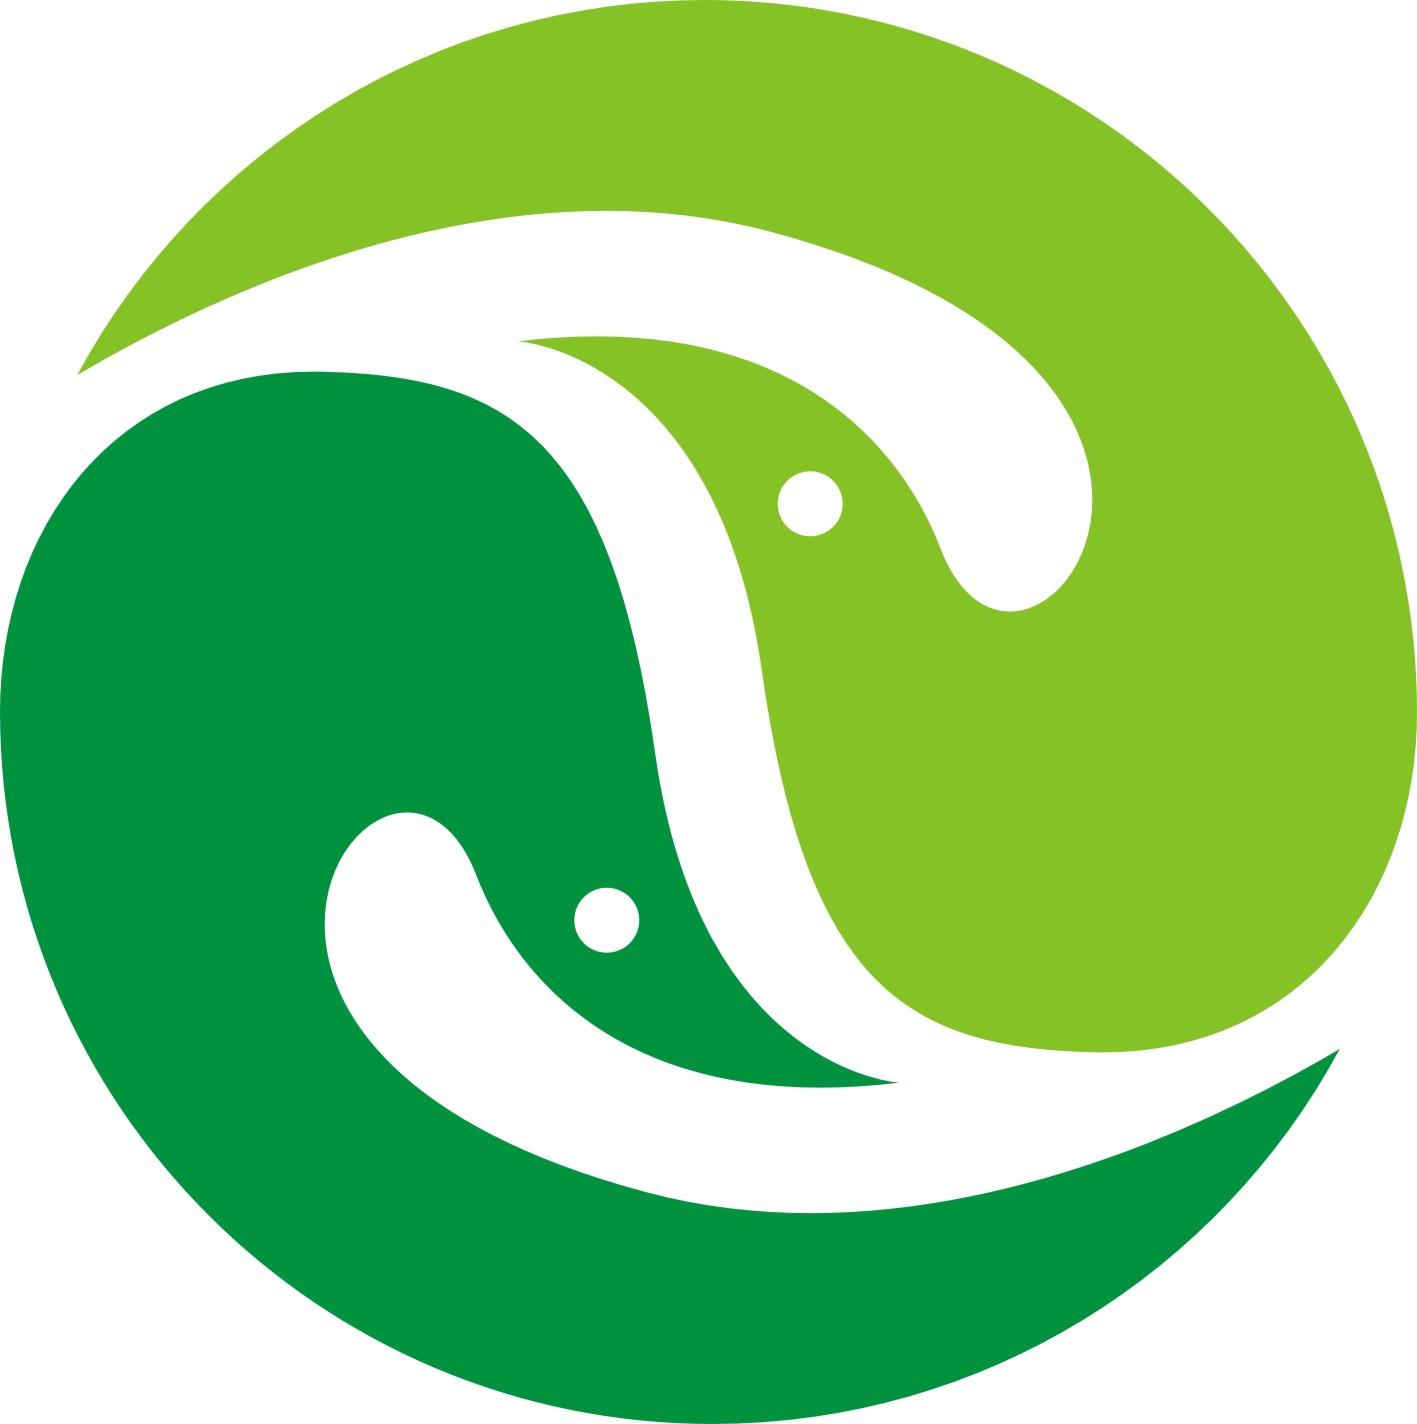 logo logo 标志 设计 矢量 矢量图 素材 图标 1417_1424